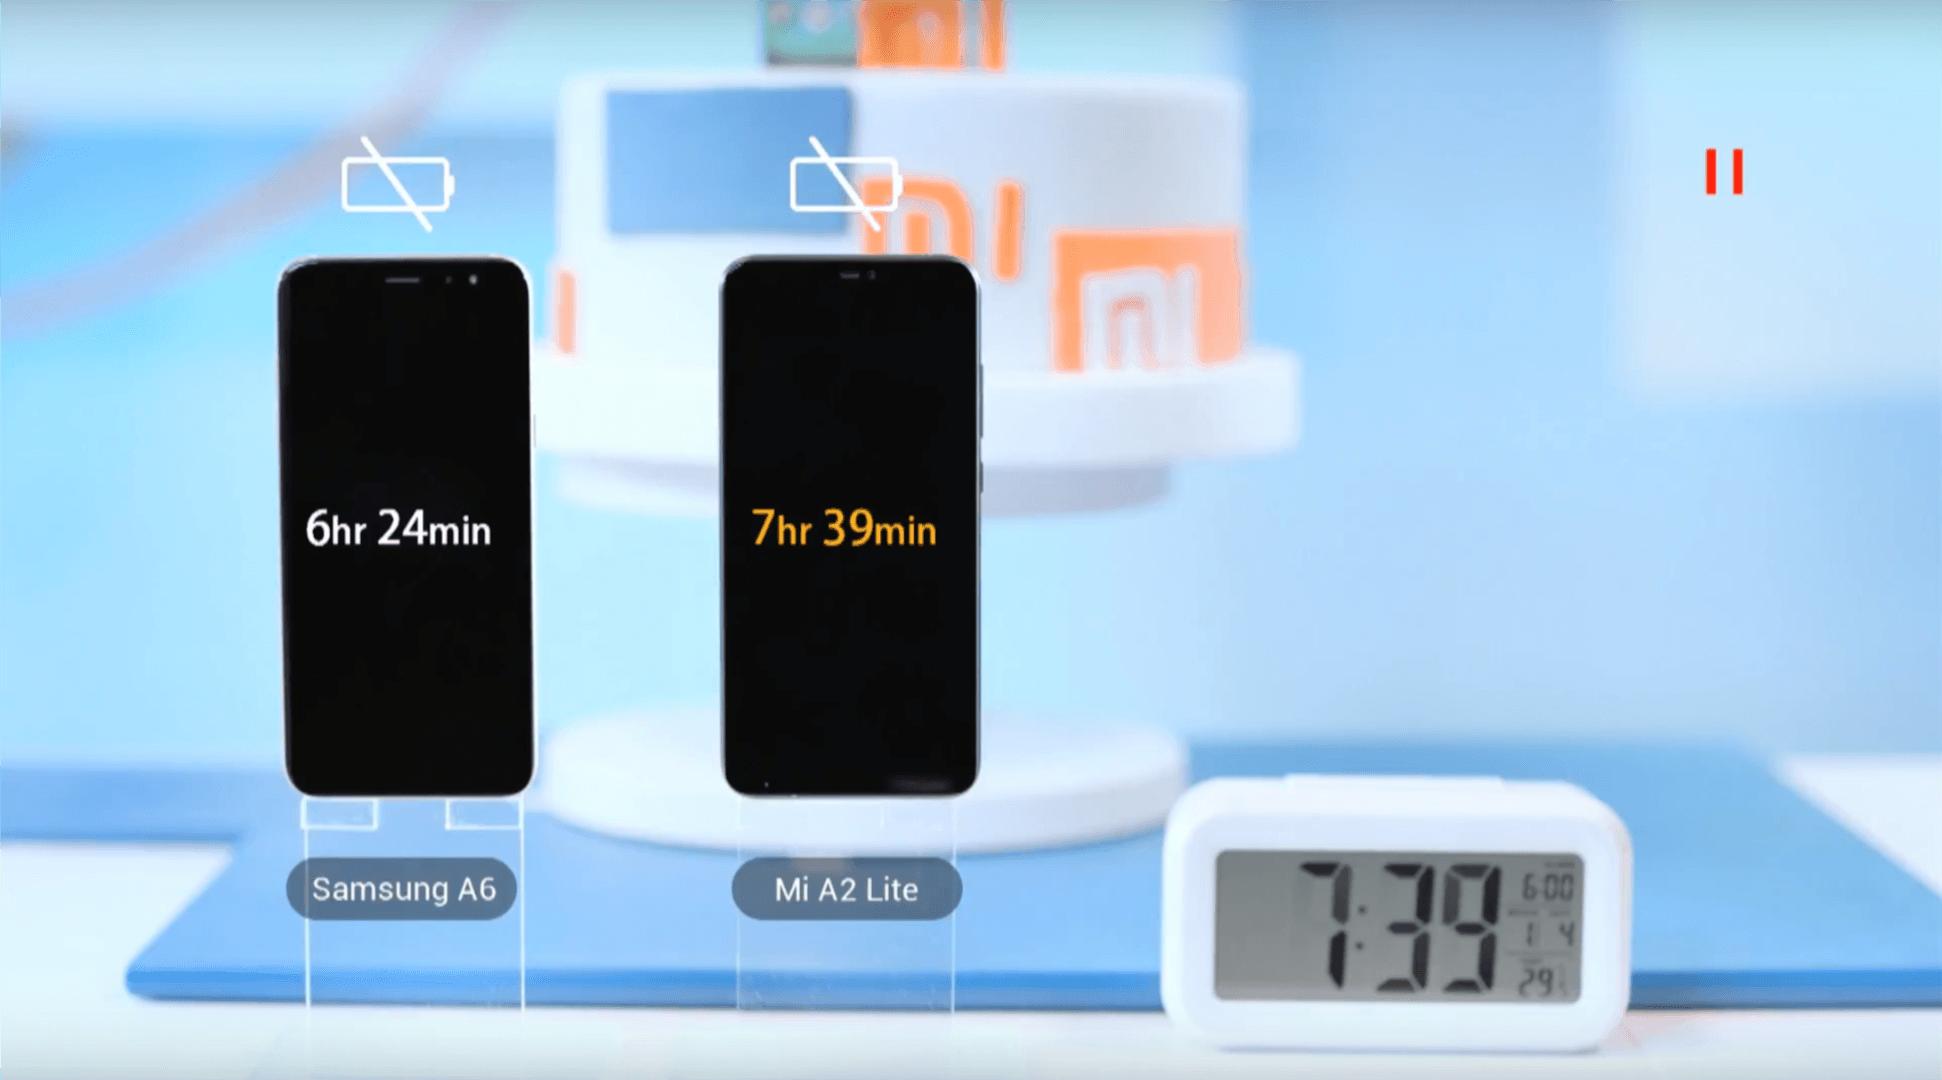 Tabletowo Xiaomi zaprezentowało nie tylko Mi A2 ale także taniego Mi A2 Lite